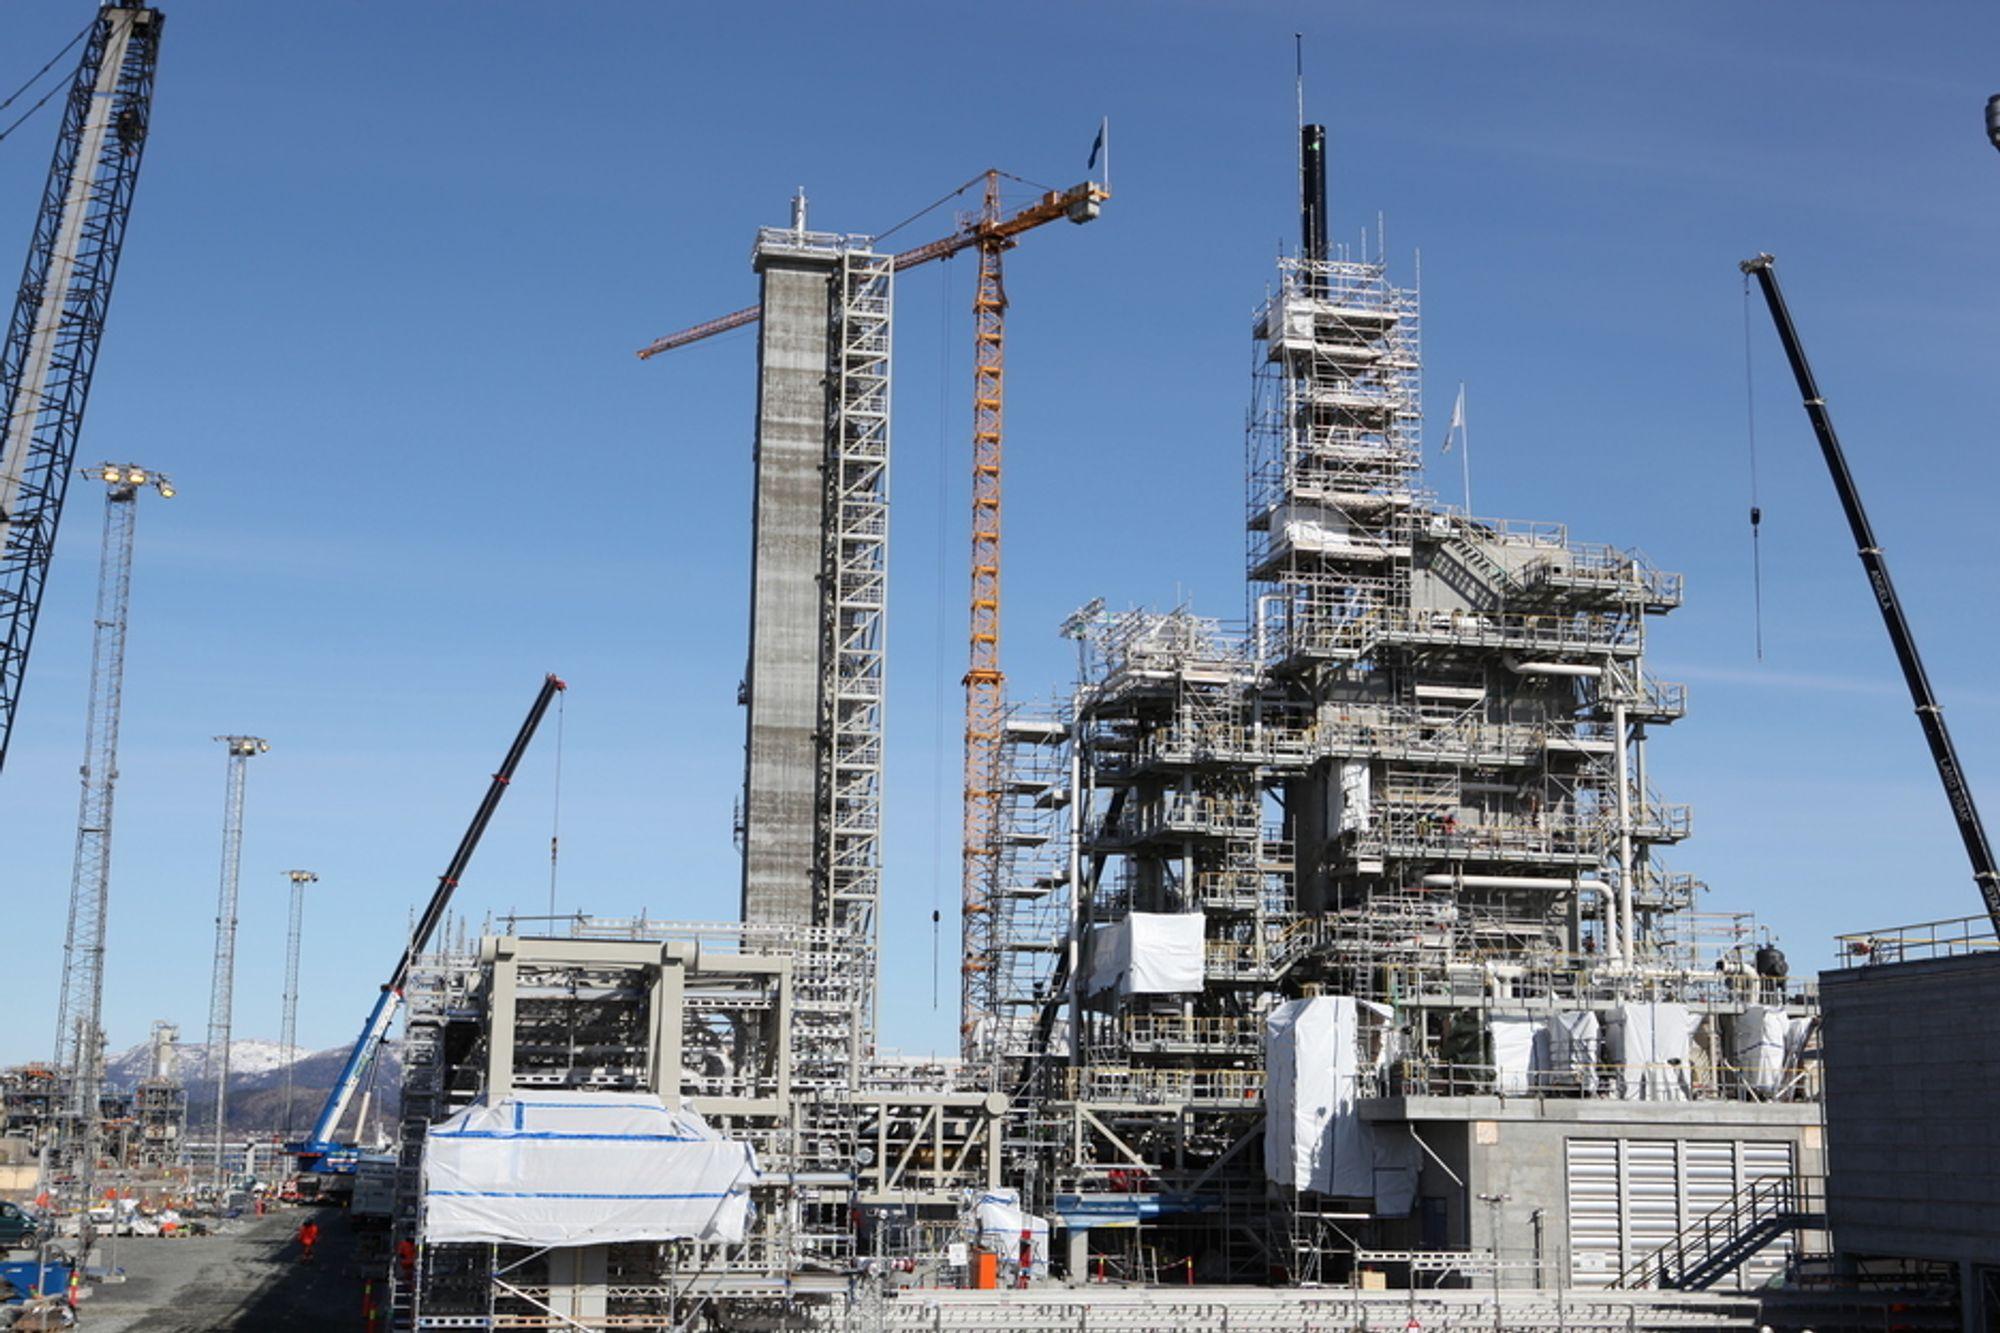 DYRT: Kostnadsestimatene på Mongstad er skyhøye. Ifølge Statoil vil et anlegg koste 25 milliarder og rensekostnadene per tonn CO2 fjernet stiger hvert år på grunn av den korte levetiden.